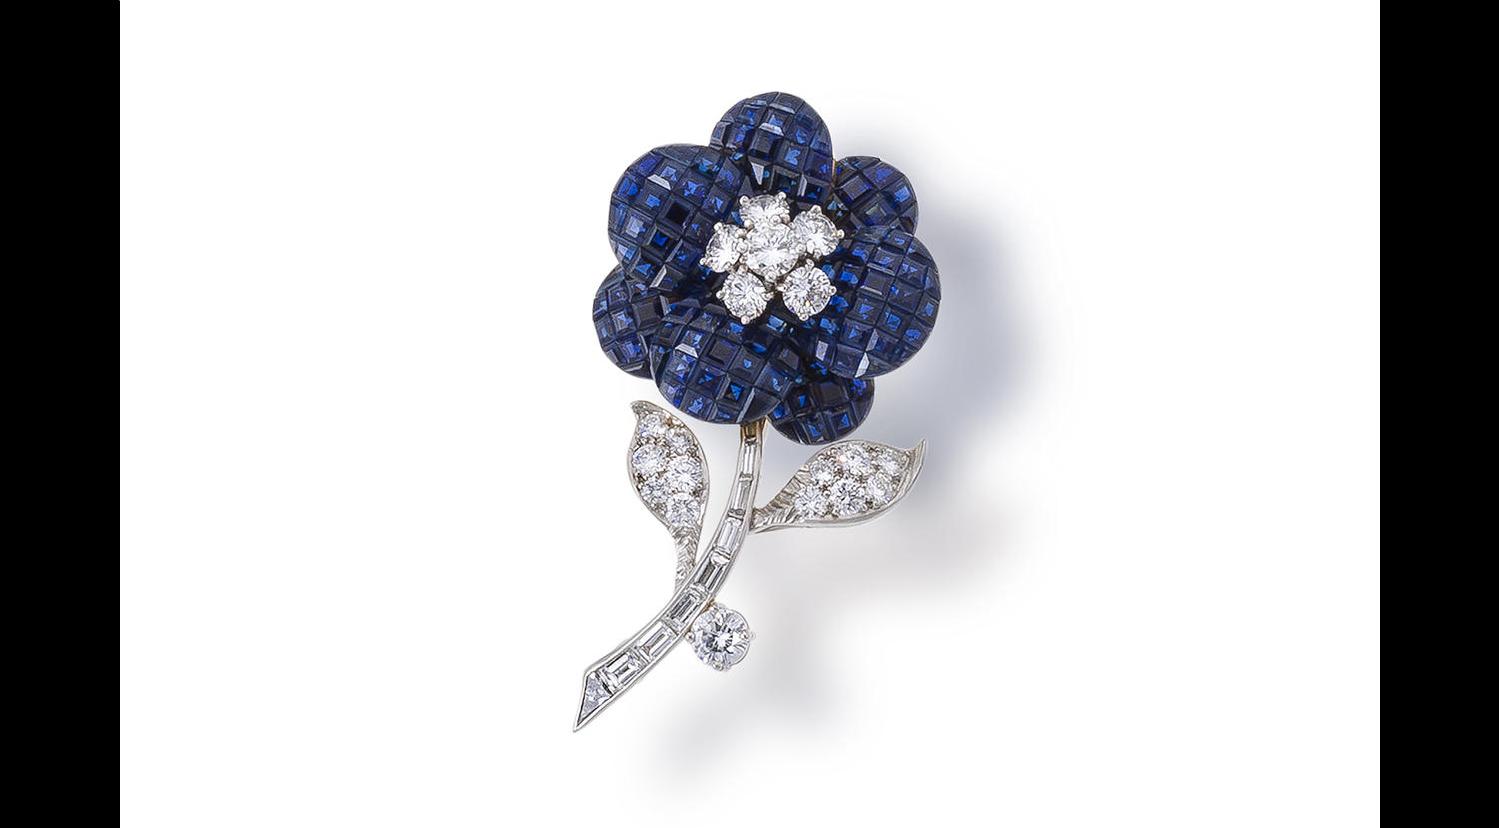 sapphire-and-diamond-brooch-Van-Cleef-Arpels.png